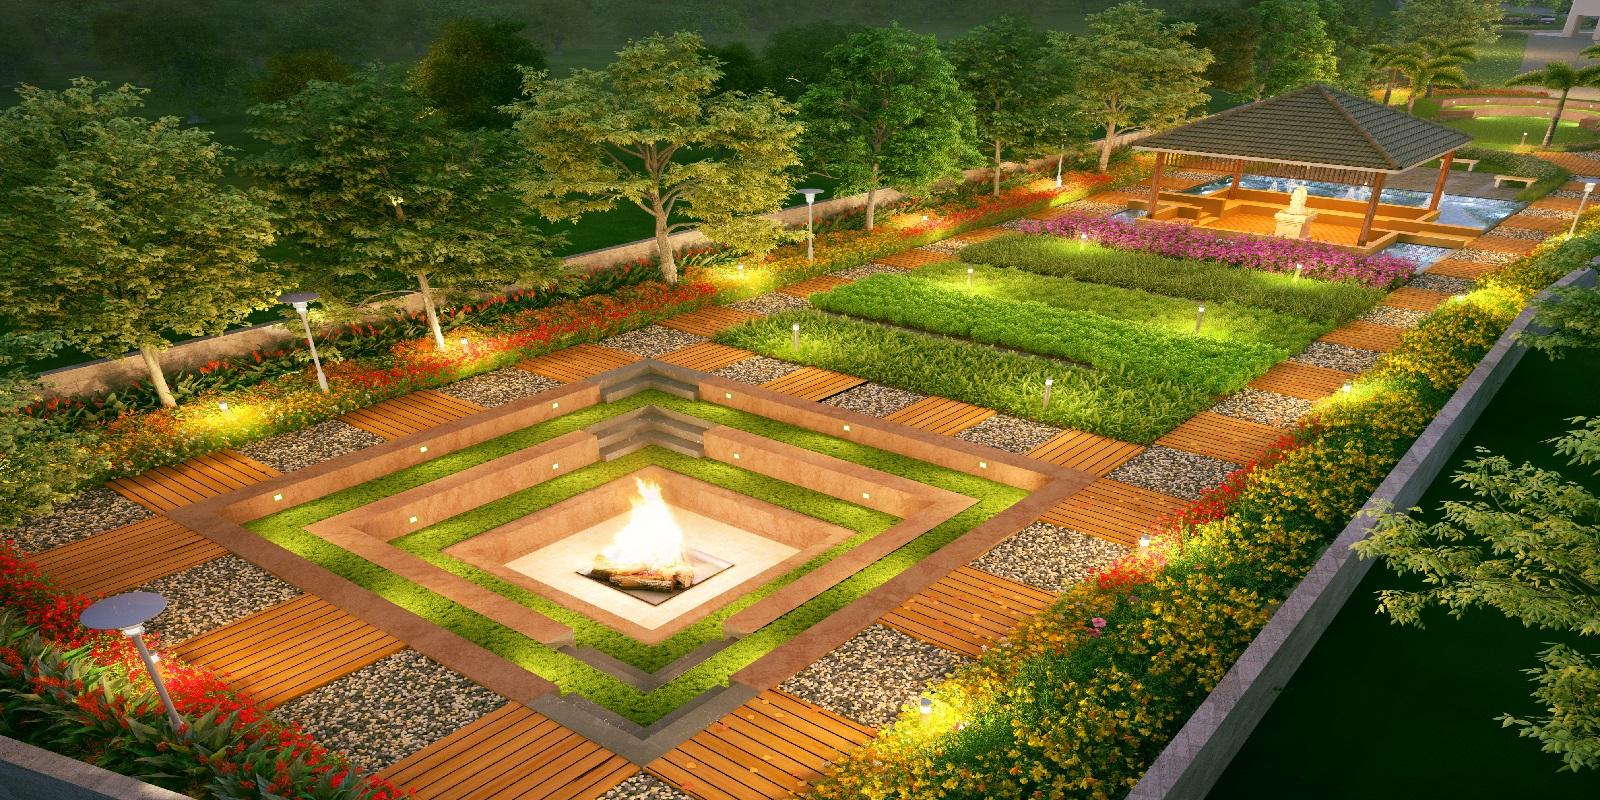 vtp purvanchal amenities features6